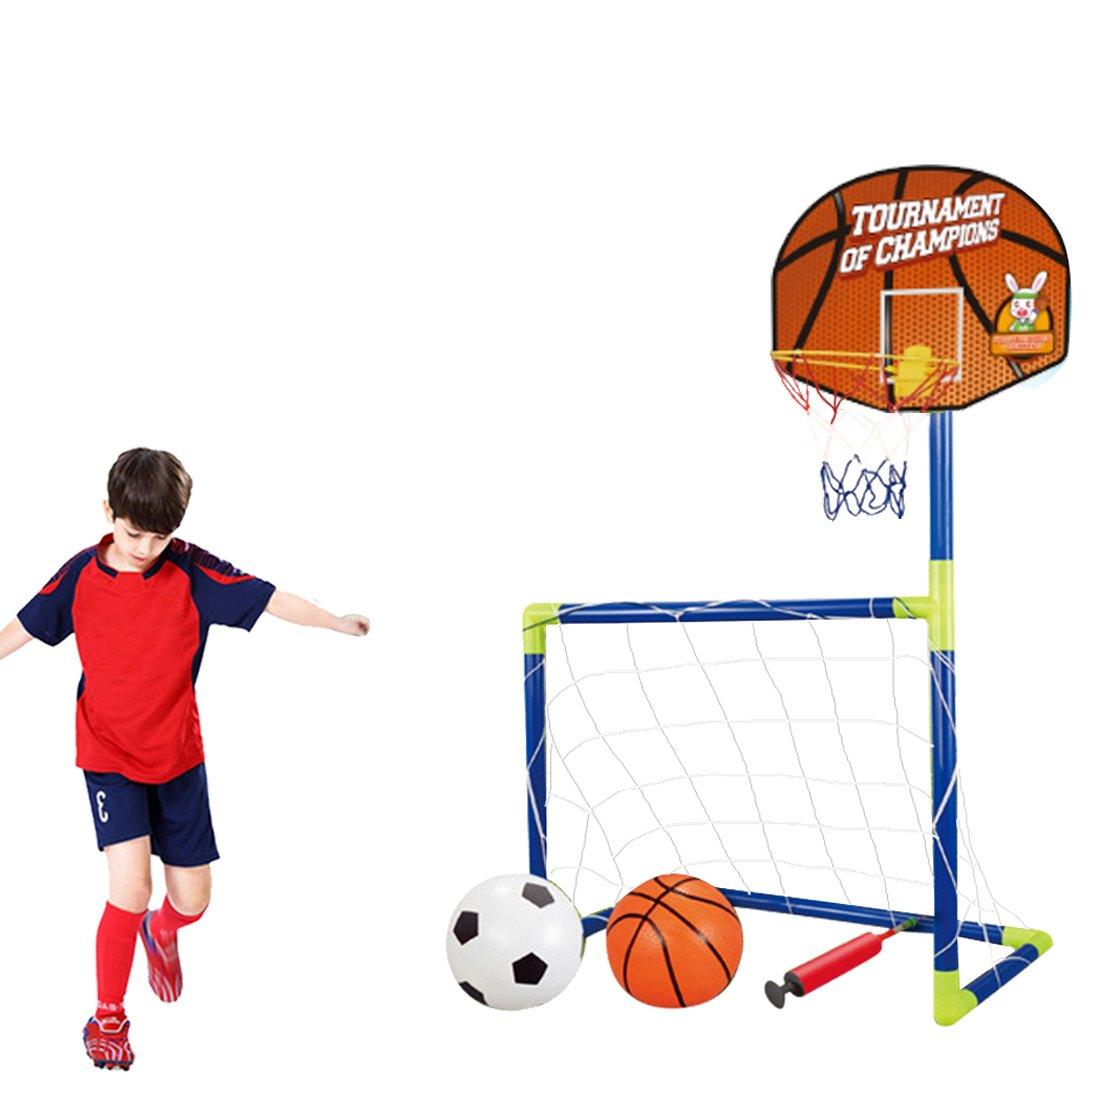 8f4c1d11d2f00 Lommer Enfant But de Foot et Panier de Basket 2 Fonction Mini Cage de Foot  But de Football Goal avec Balles pour Enfants Intérieur Extérieur   Amazon.fr  ...